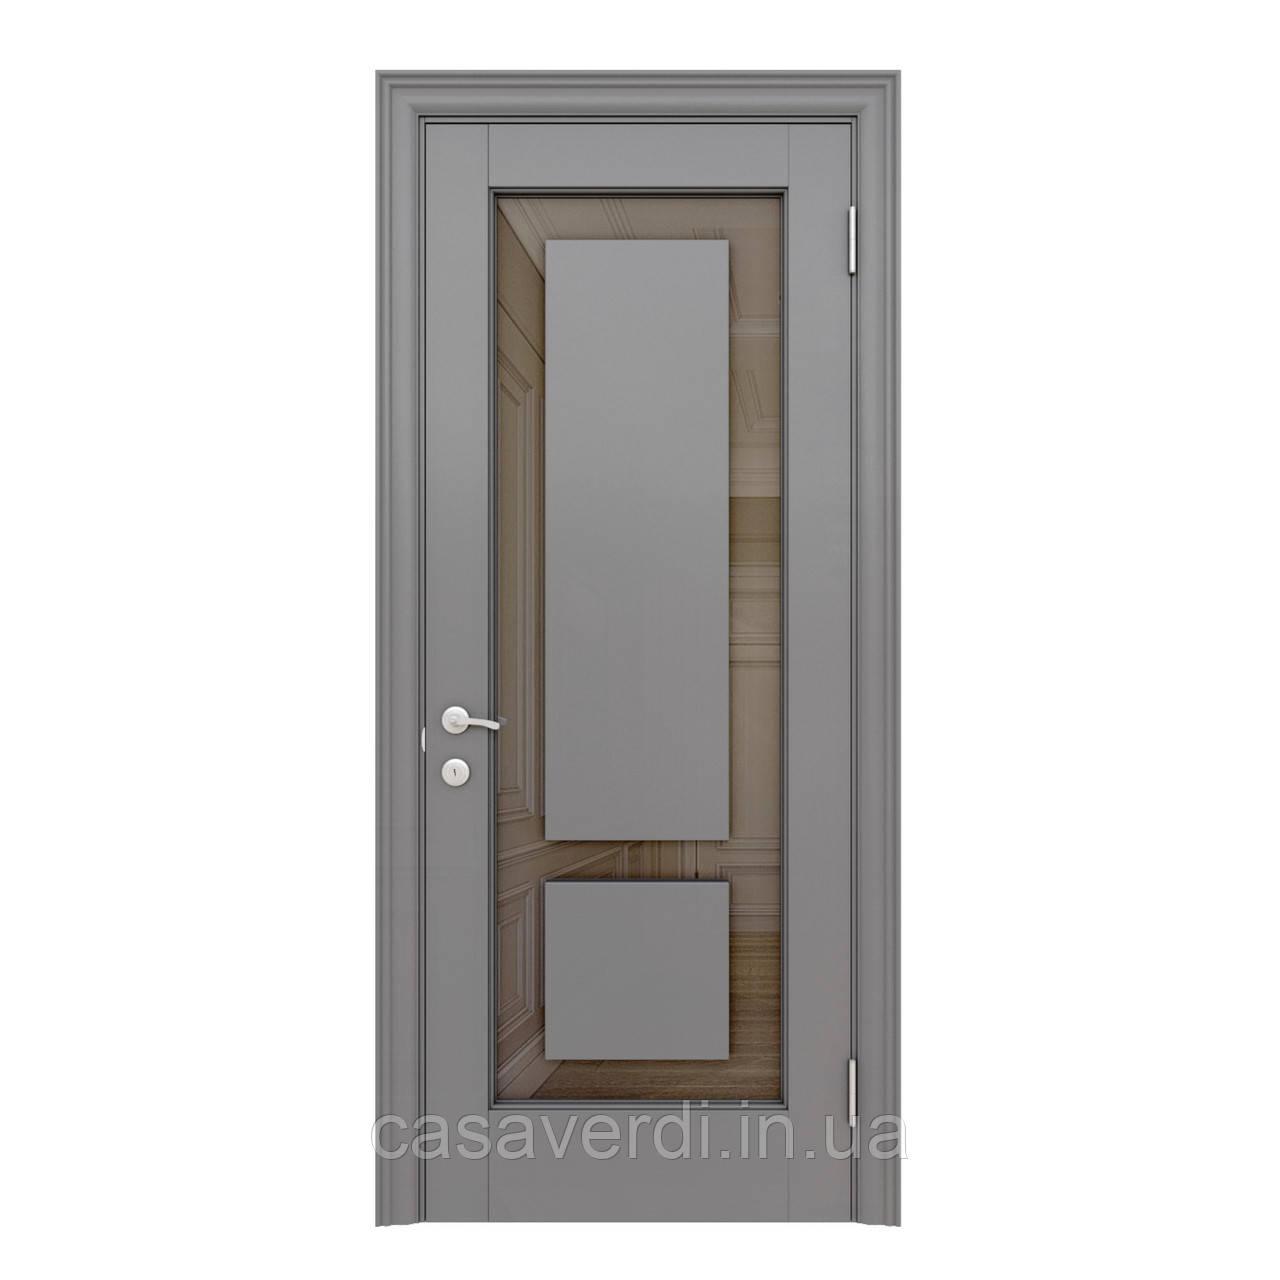 Межкомнатная дверь Casa Verdi Vetro 10 из массива ольхи